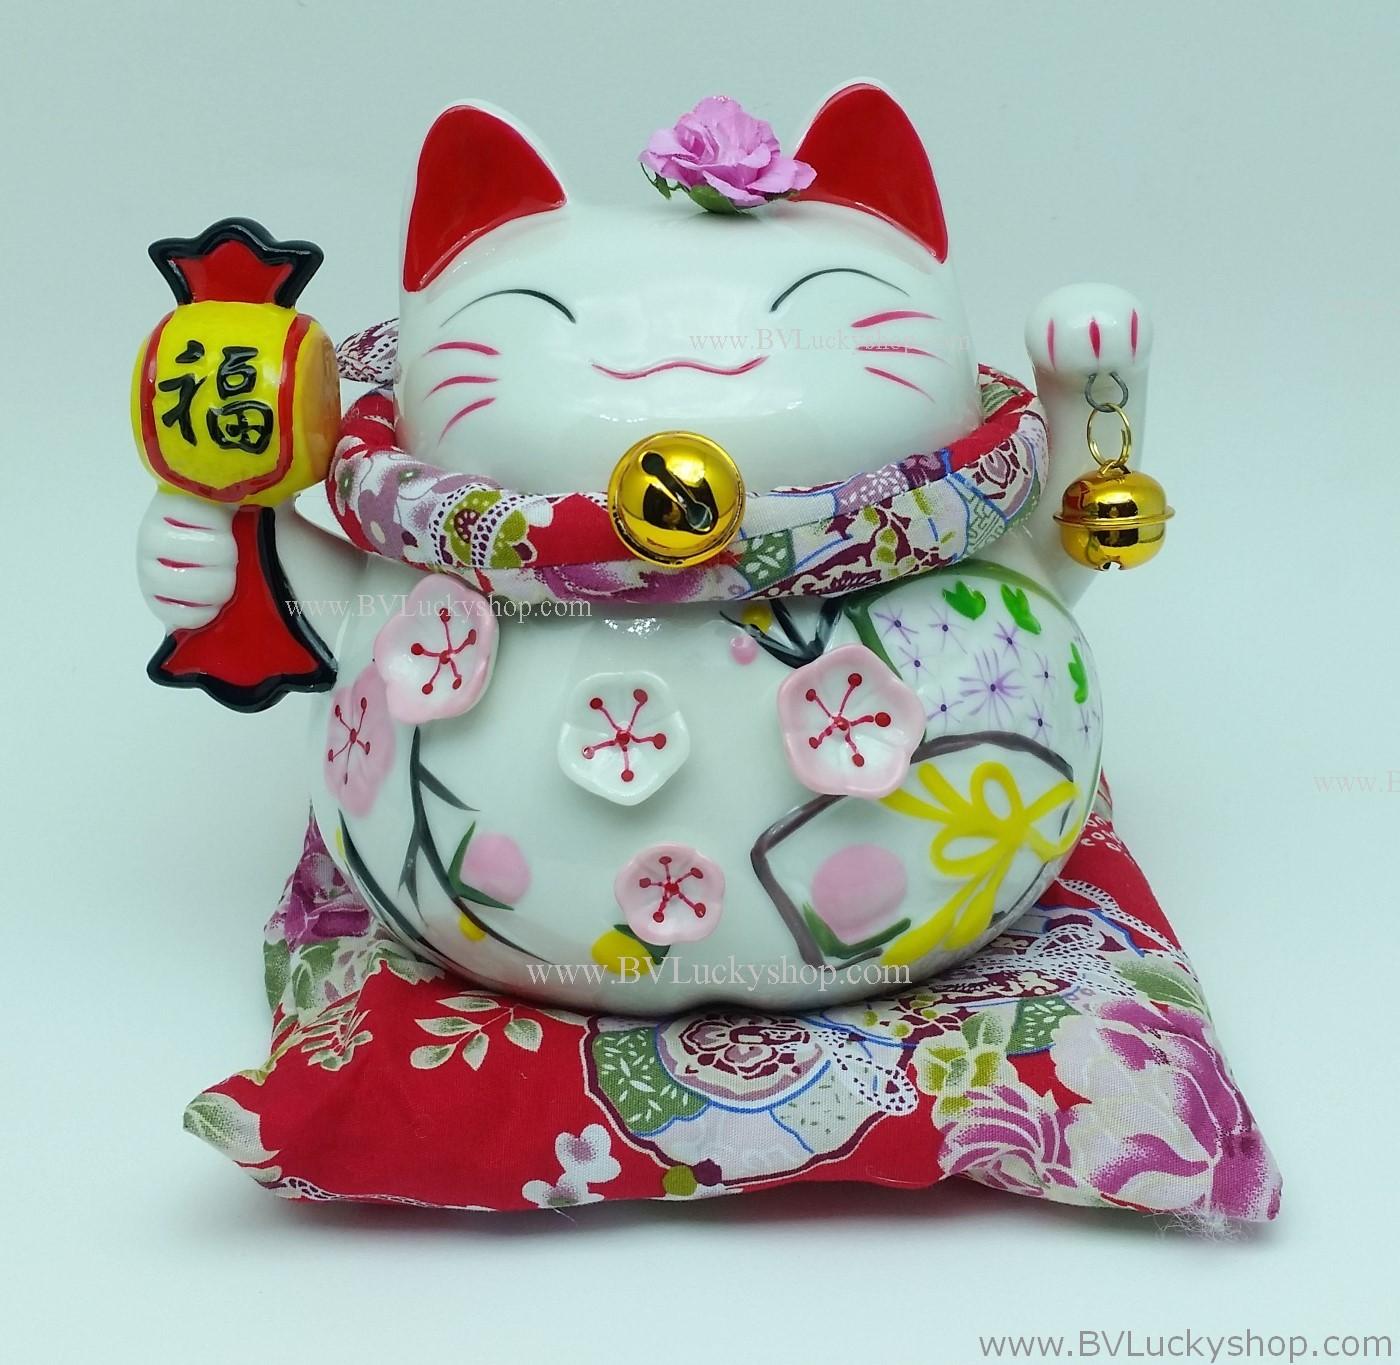 แมวอ้วน แมวกวัก แมวนำโชค สูง 5 นิ้ว ถือค้อนให้โชคลาภ [A0603]